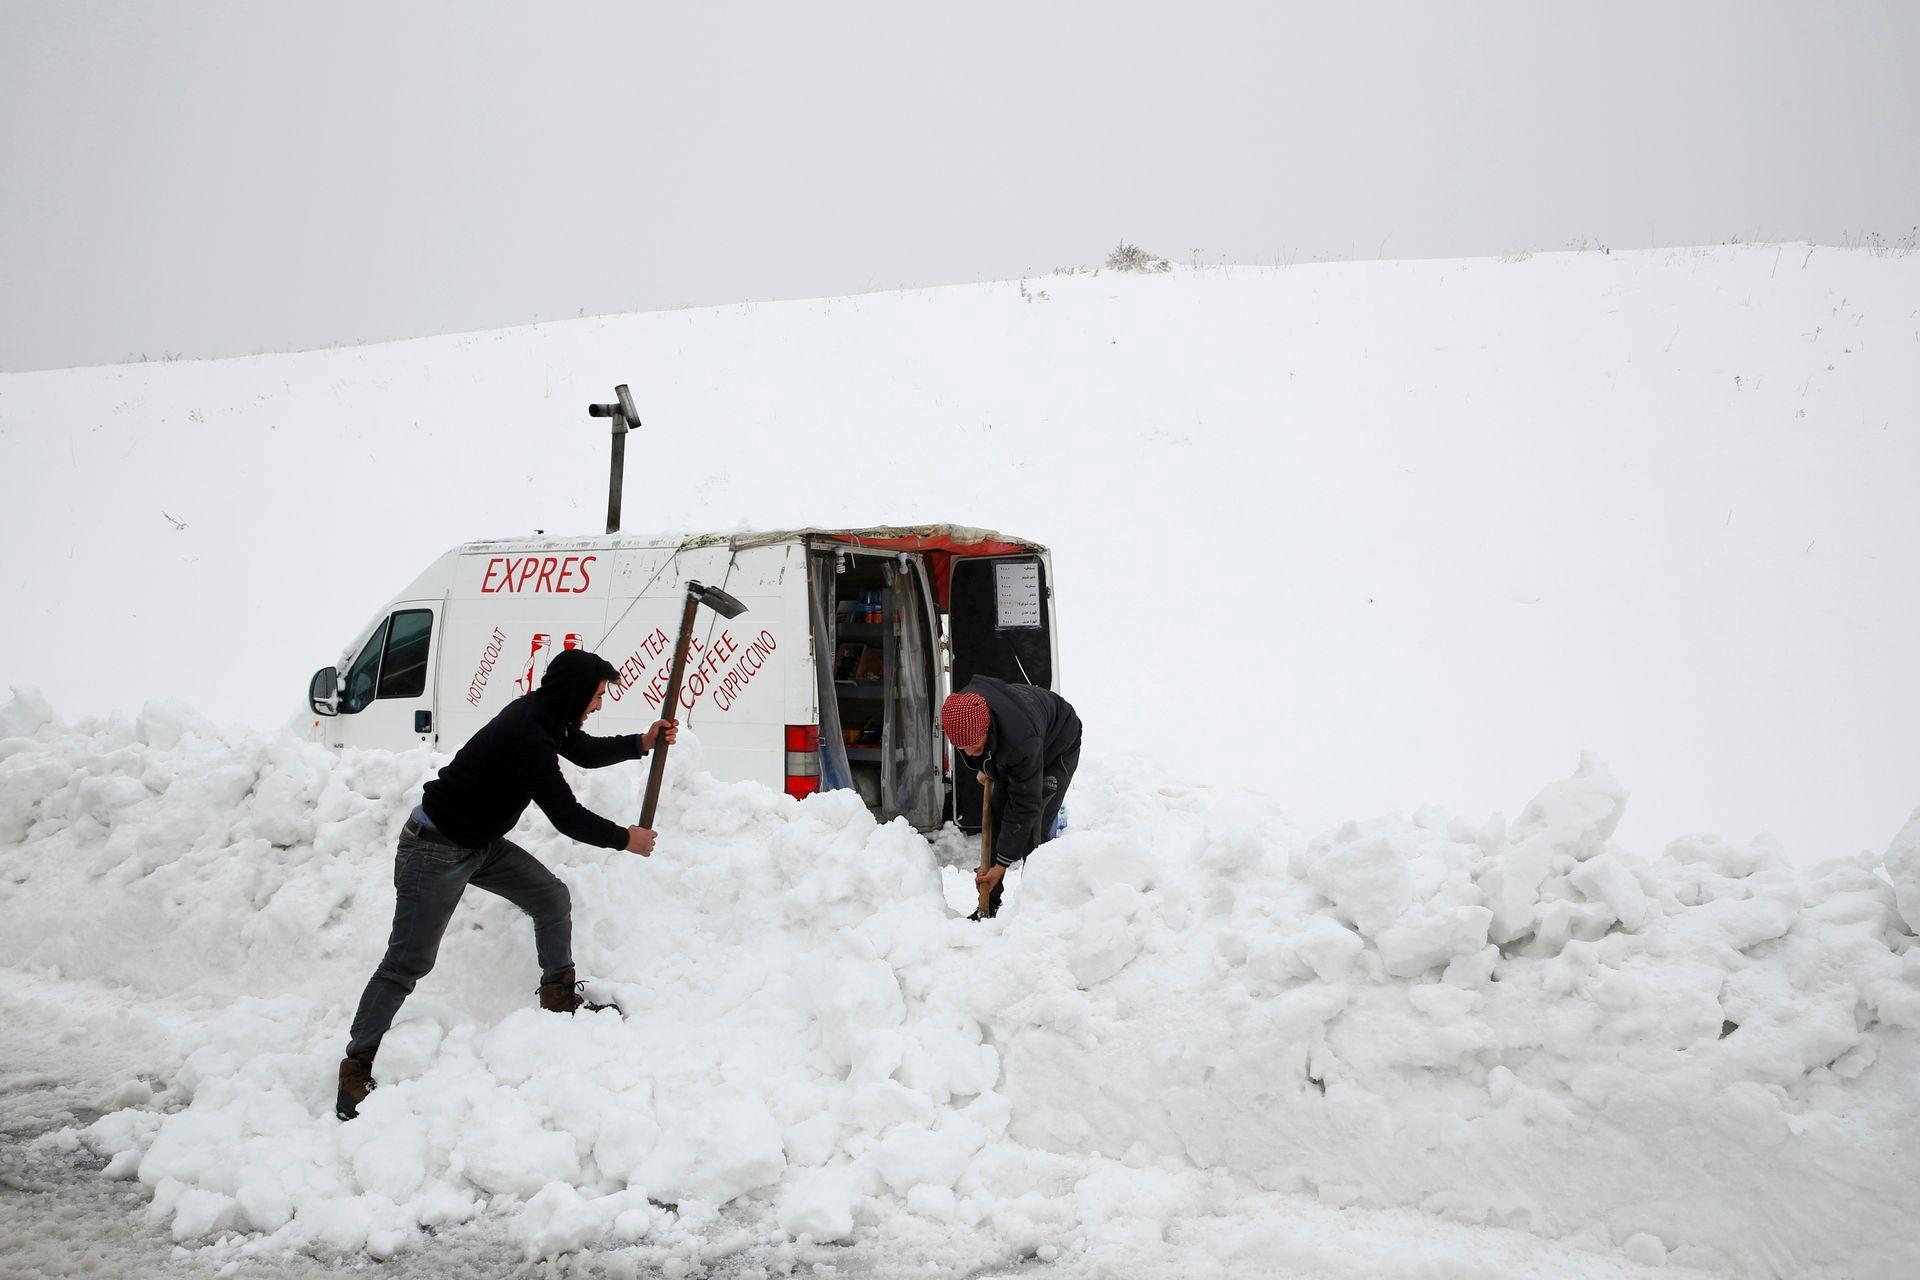 Mùa đông khắc nghiệt với tuyết rơi dày ở nhiều nơi trên thế giới Ảnh 10